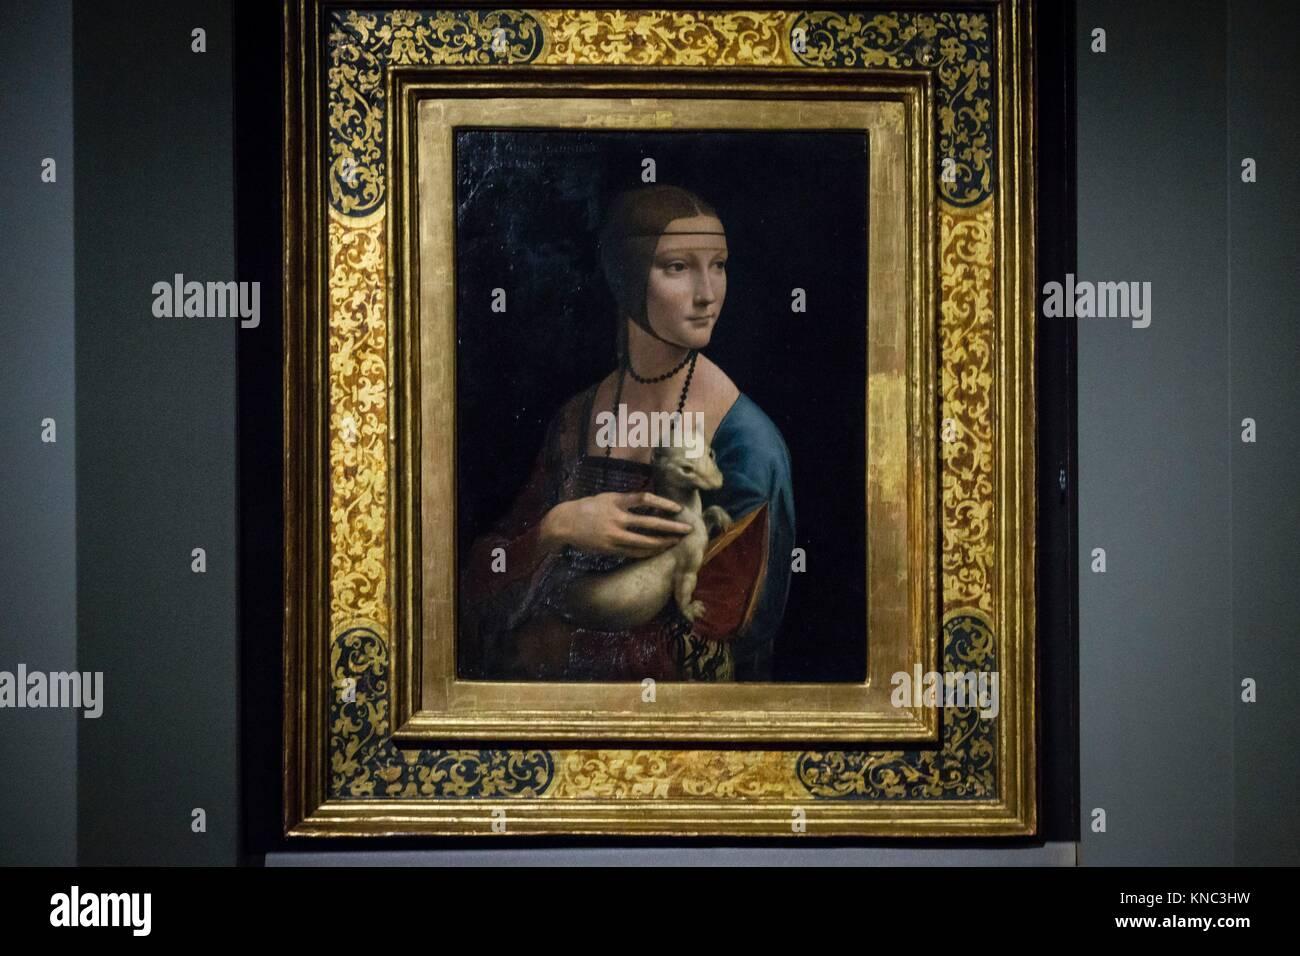 La dama del armiño (La dama con l'ermellino) cuadro del pintor renacentista italiano Leonardo da Vinci,l óleo sobre Stock Photo